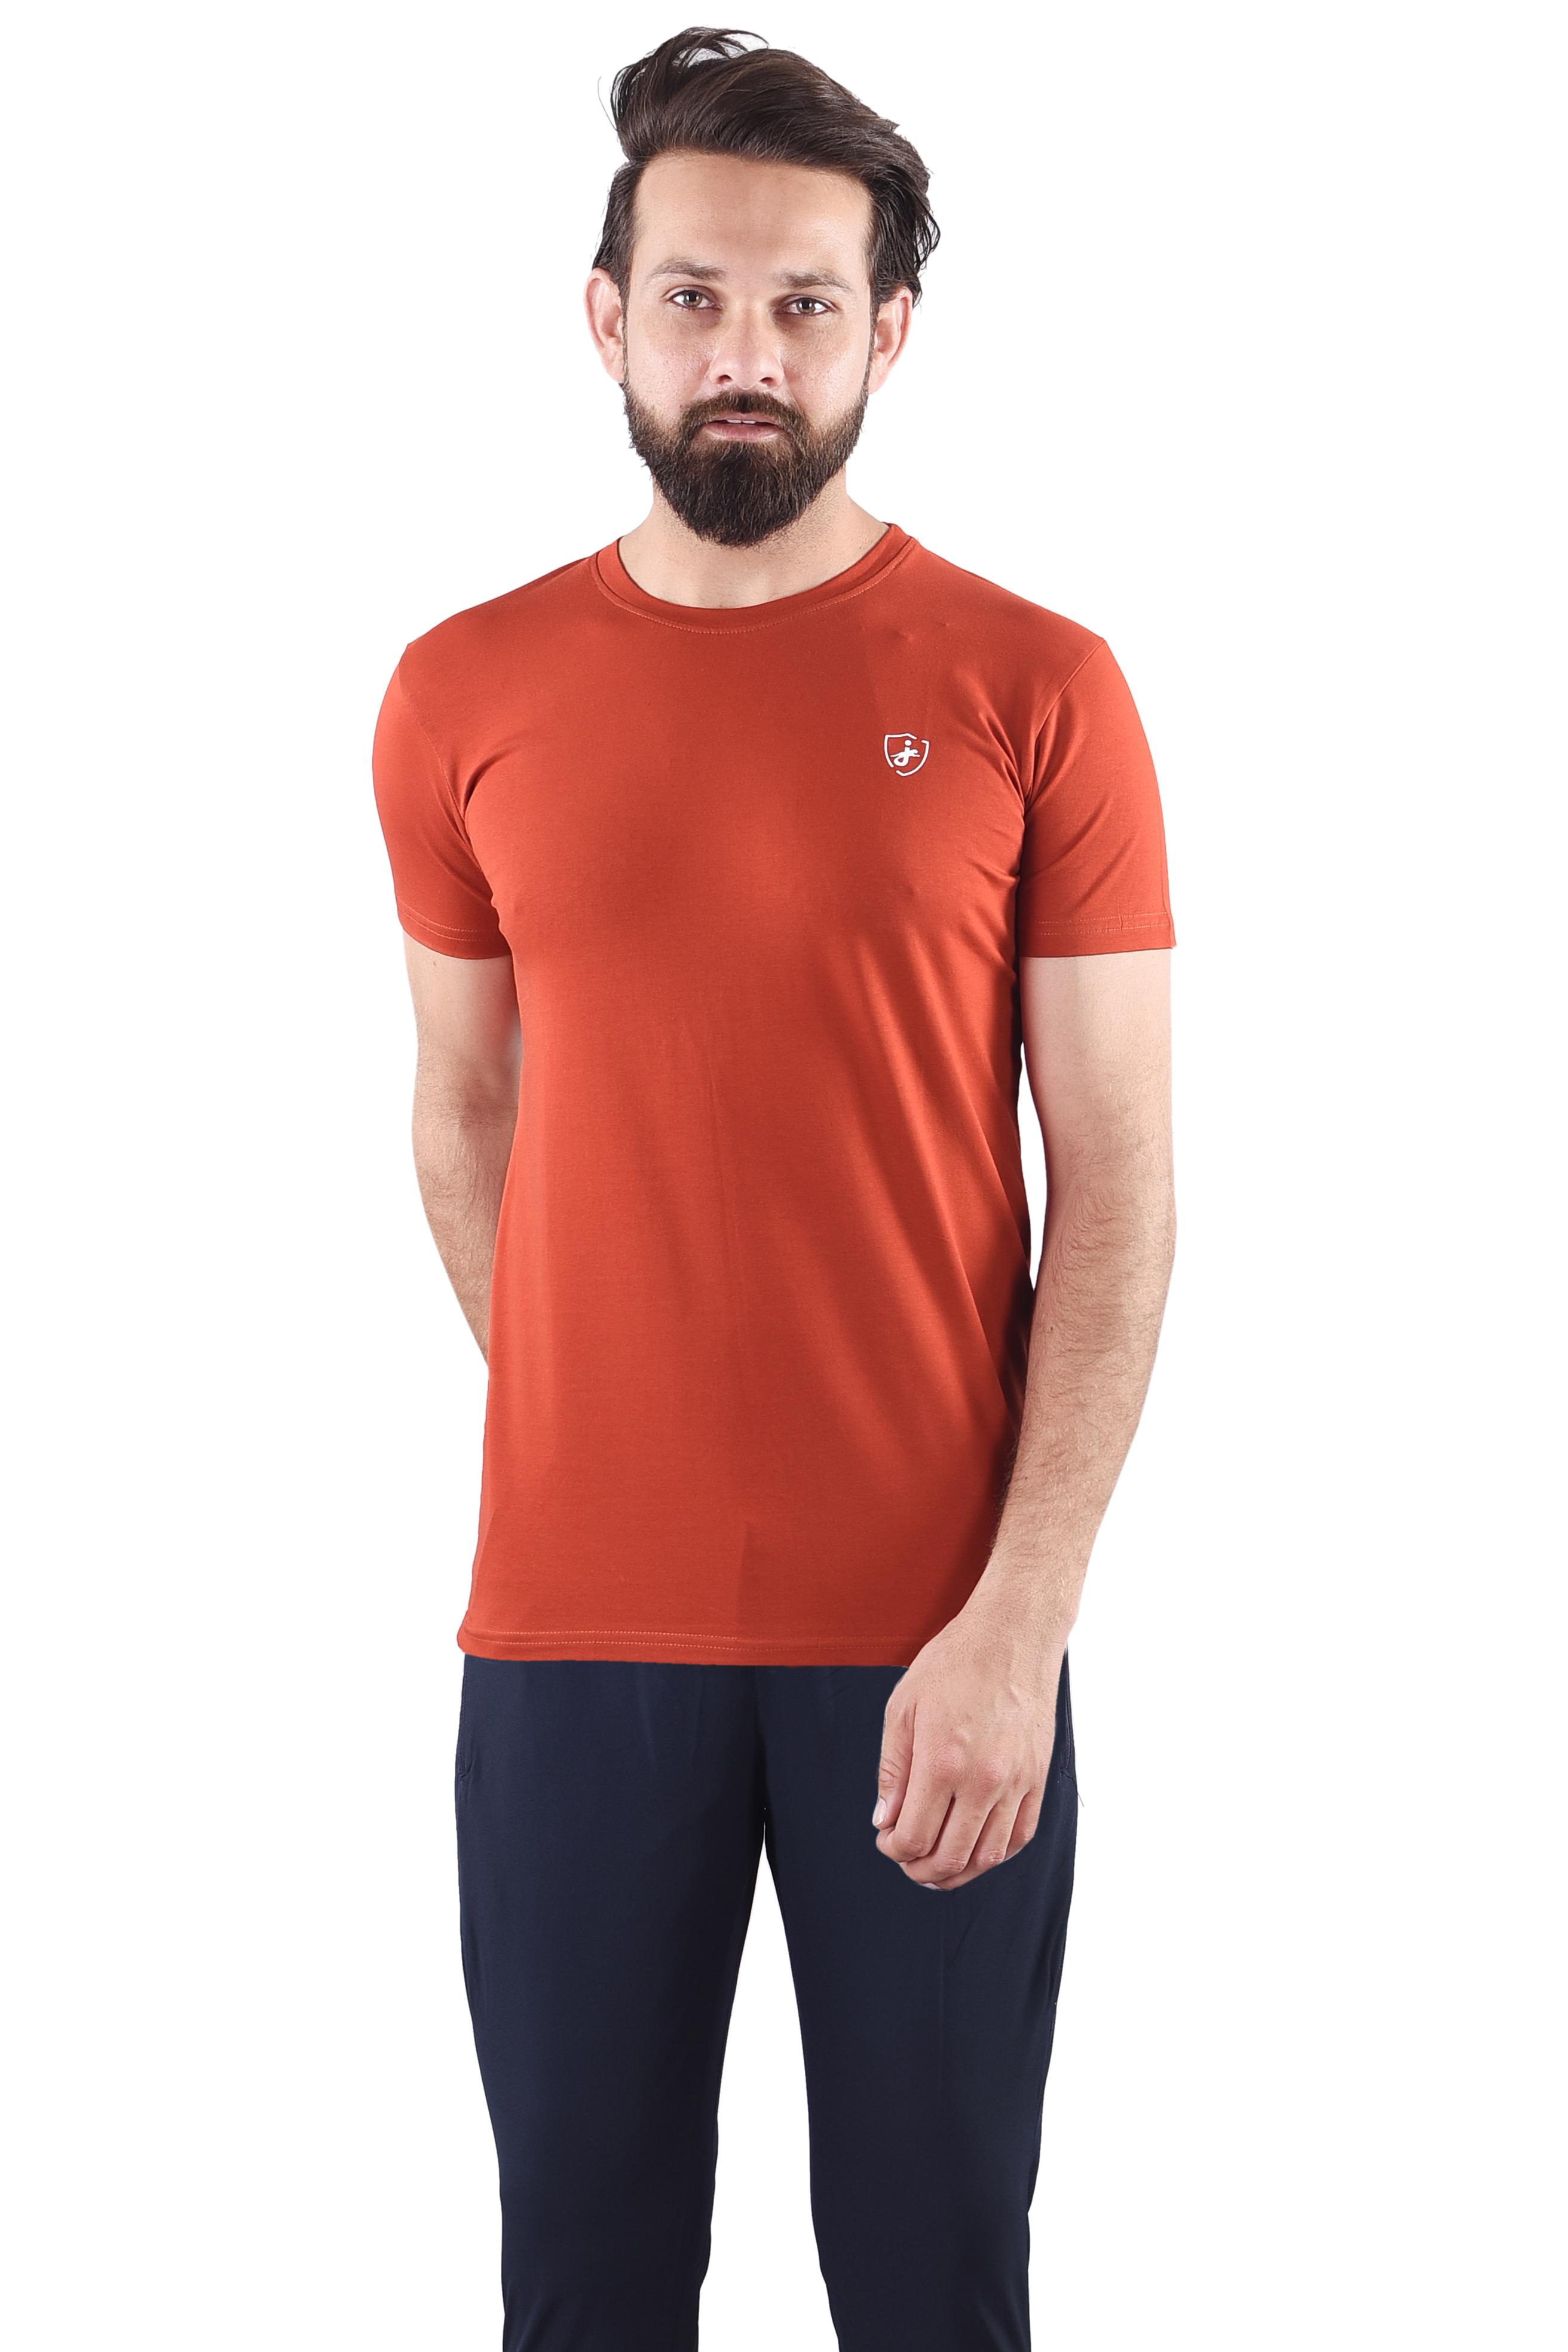 JAGURO   JAGURO  Men's Cotton Solid Round Neck Rust T-Shirt